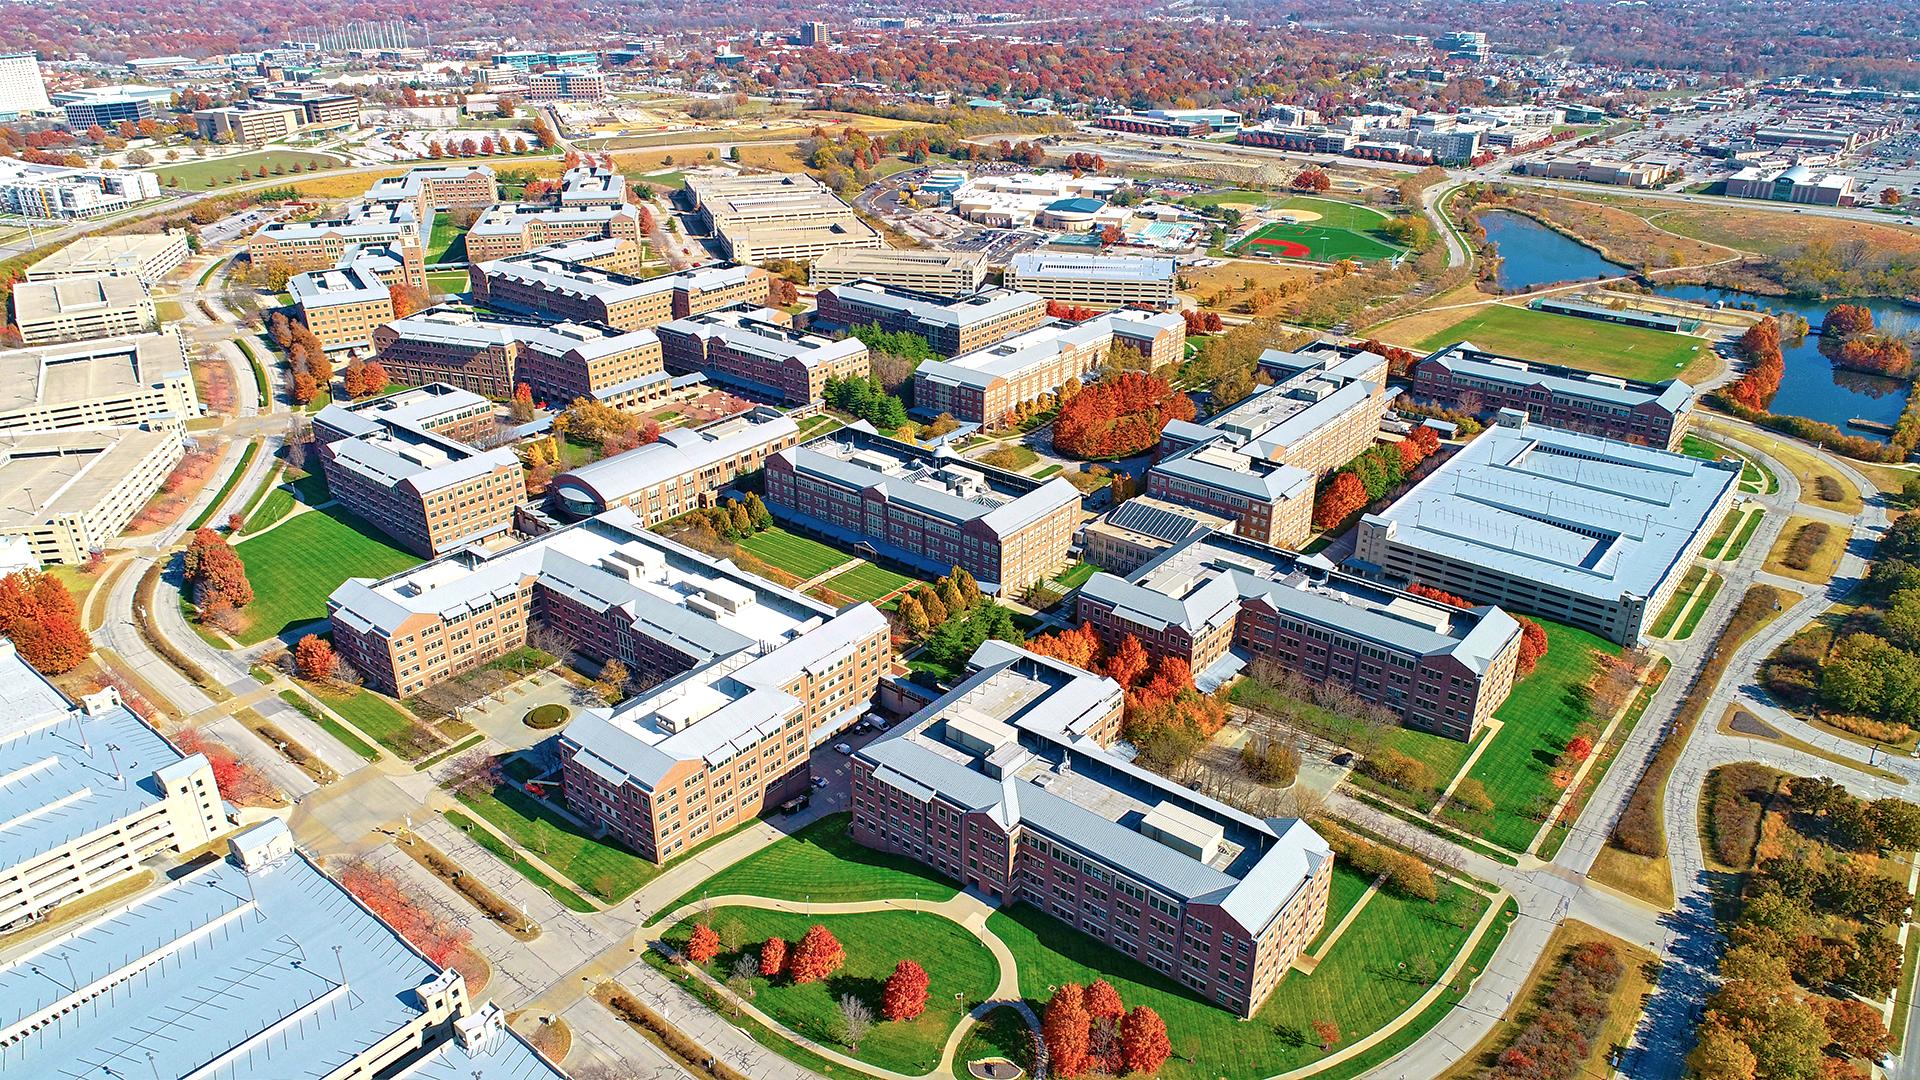 Ariel image of the Aspiria office campus